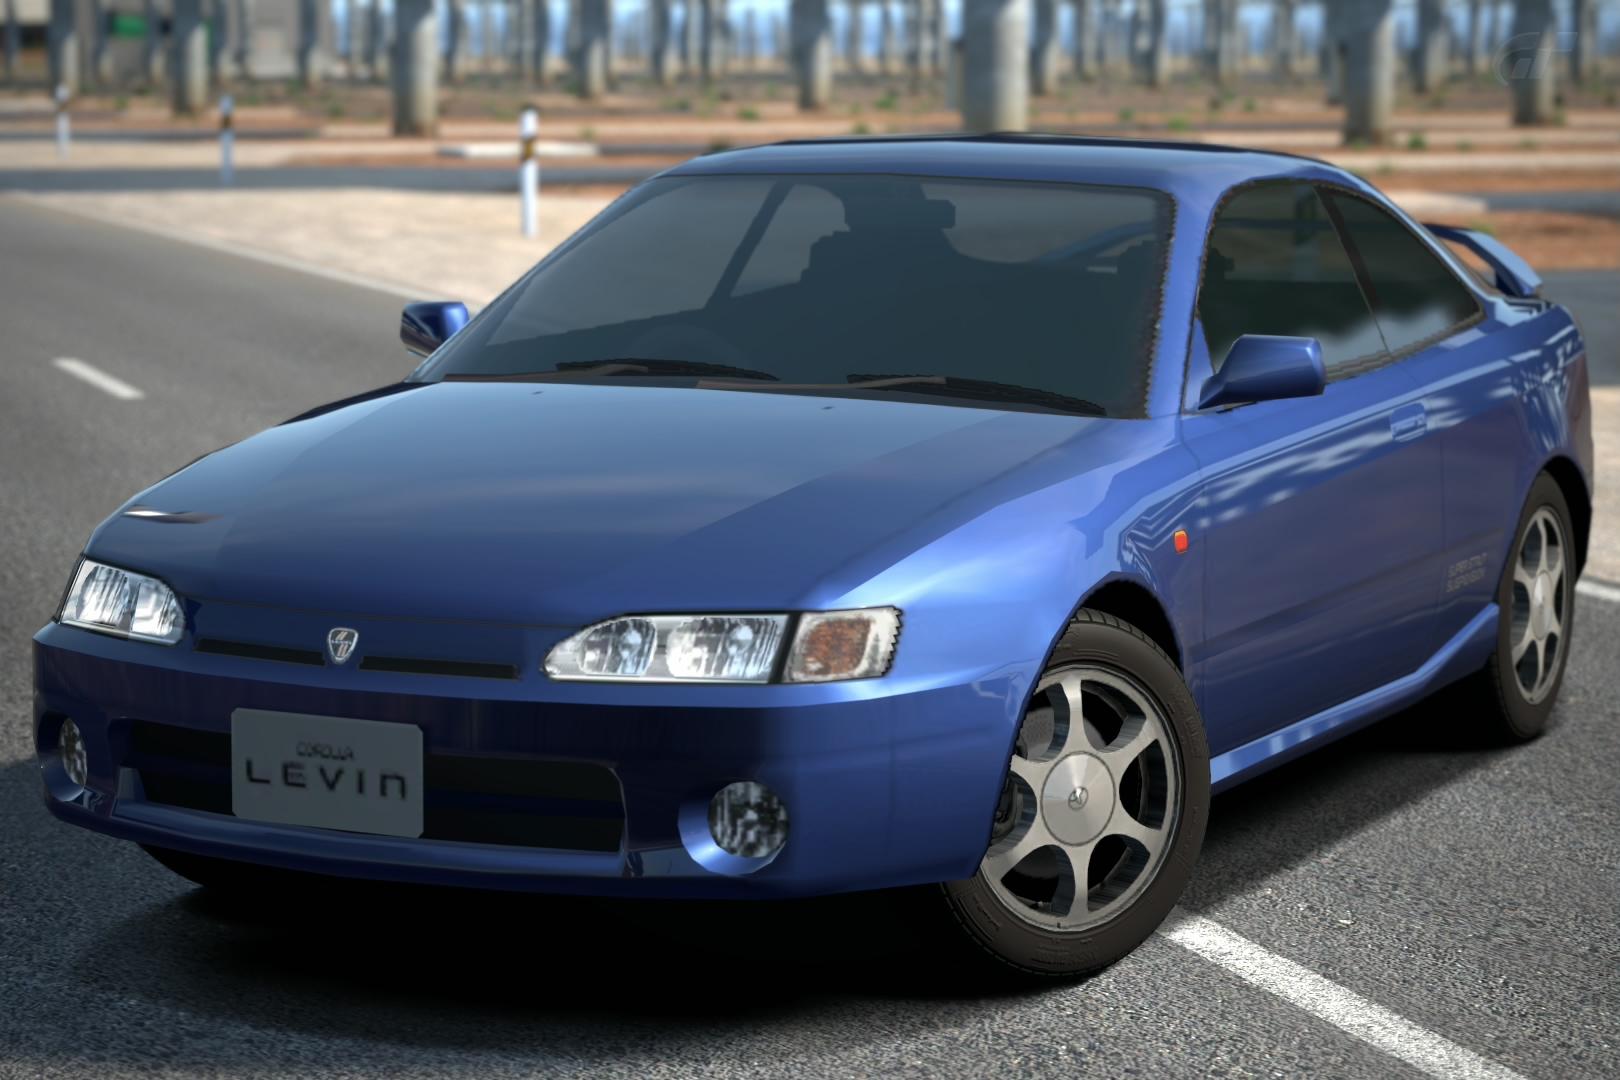 Toyota COROLLA LEVIN BZ-R '98 | Gran Turismo Wiki | FANDOM